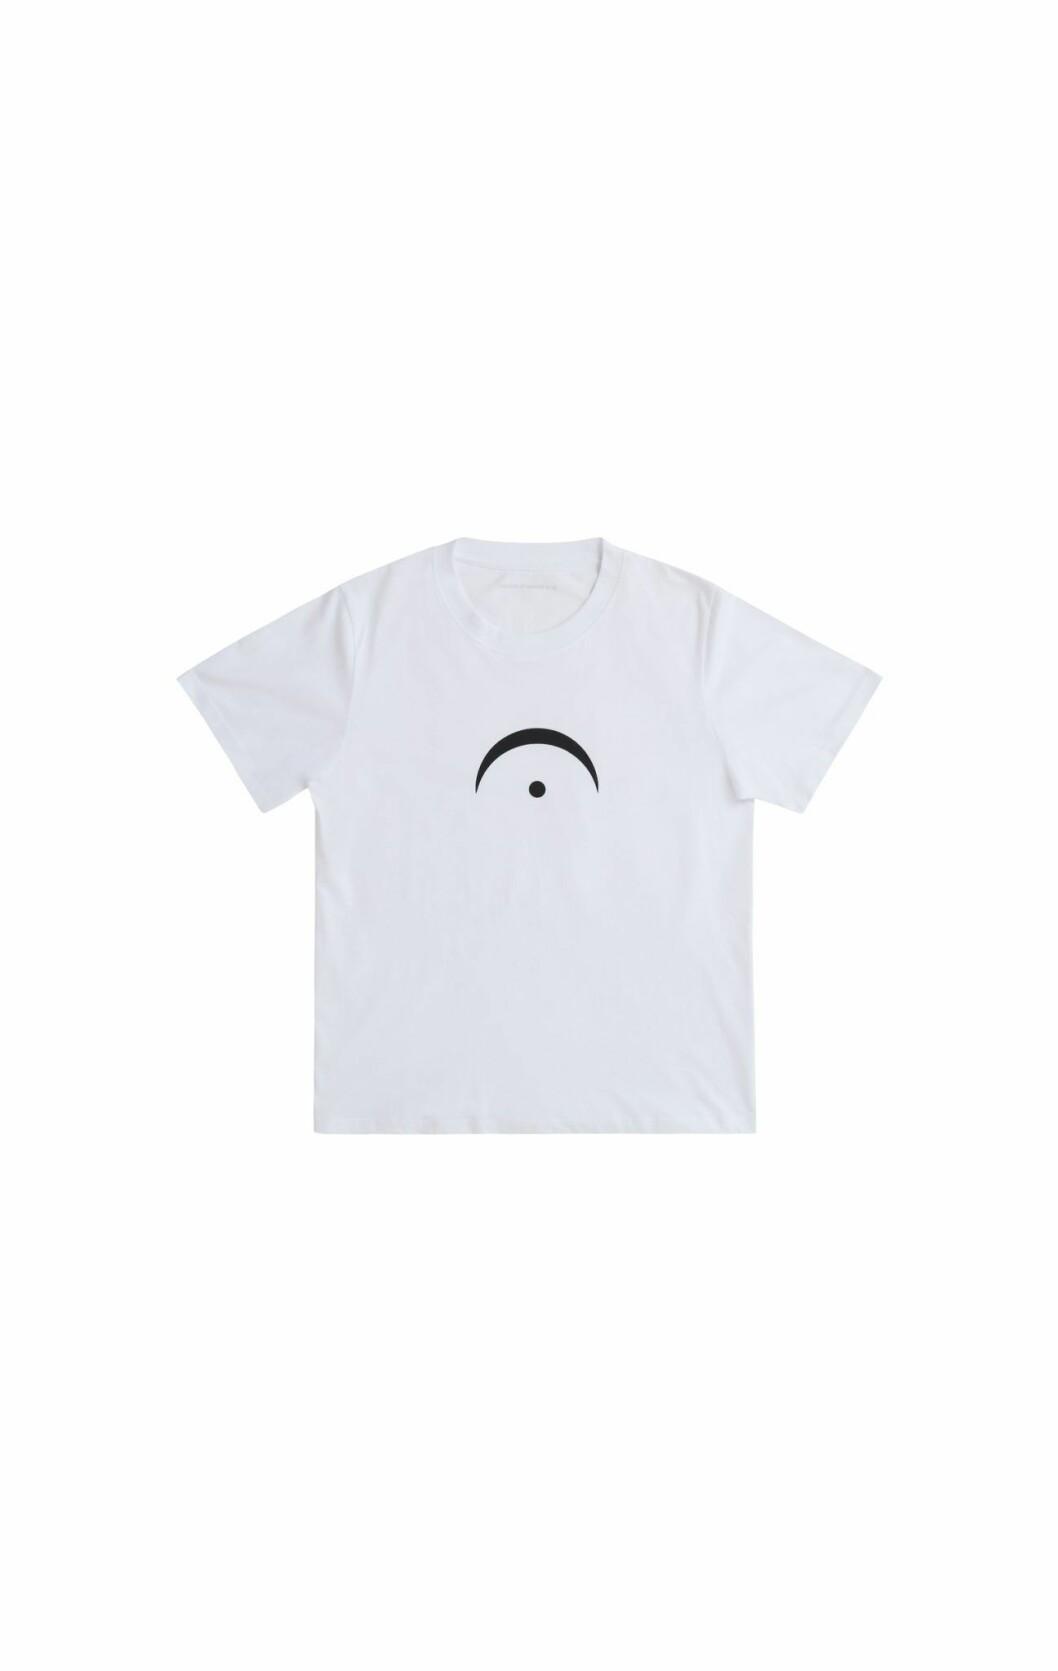 Jacob Mühlrad by Rodebjer, t-shirt framifrån